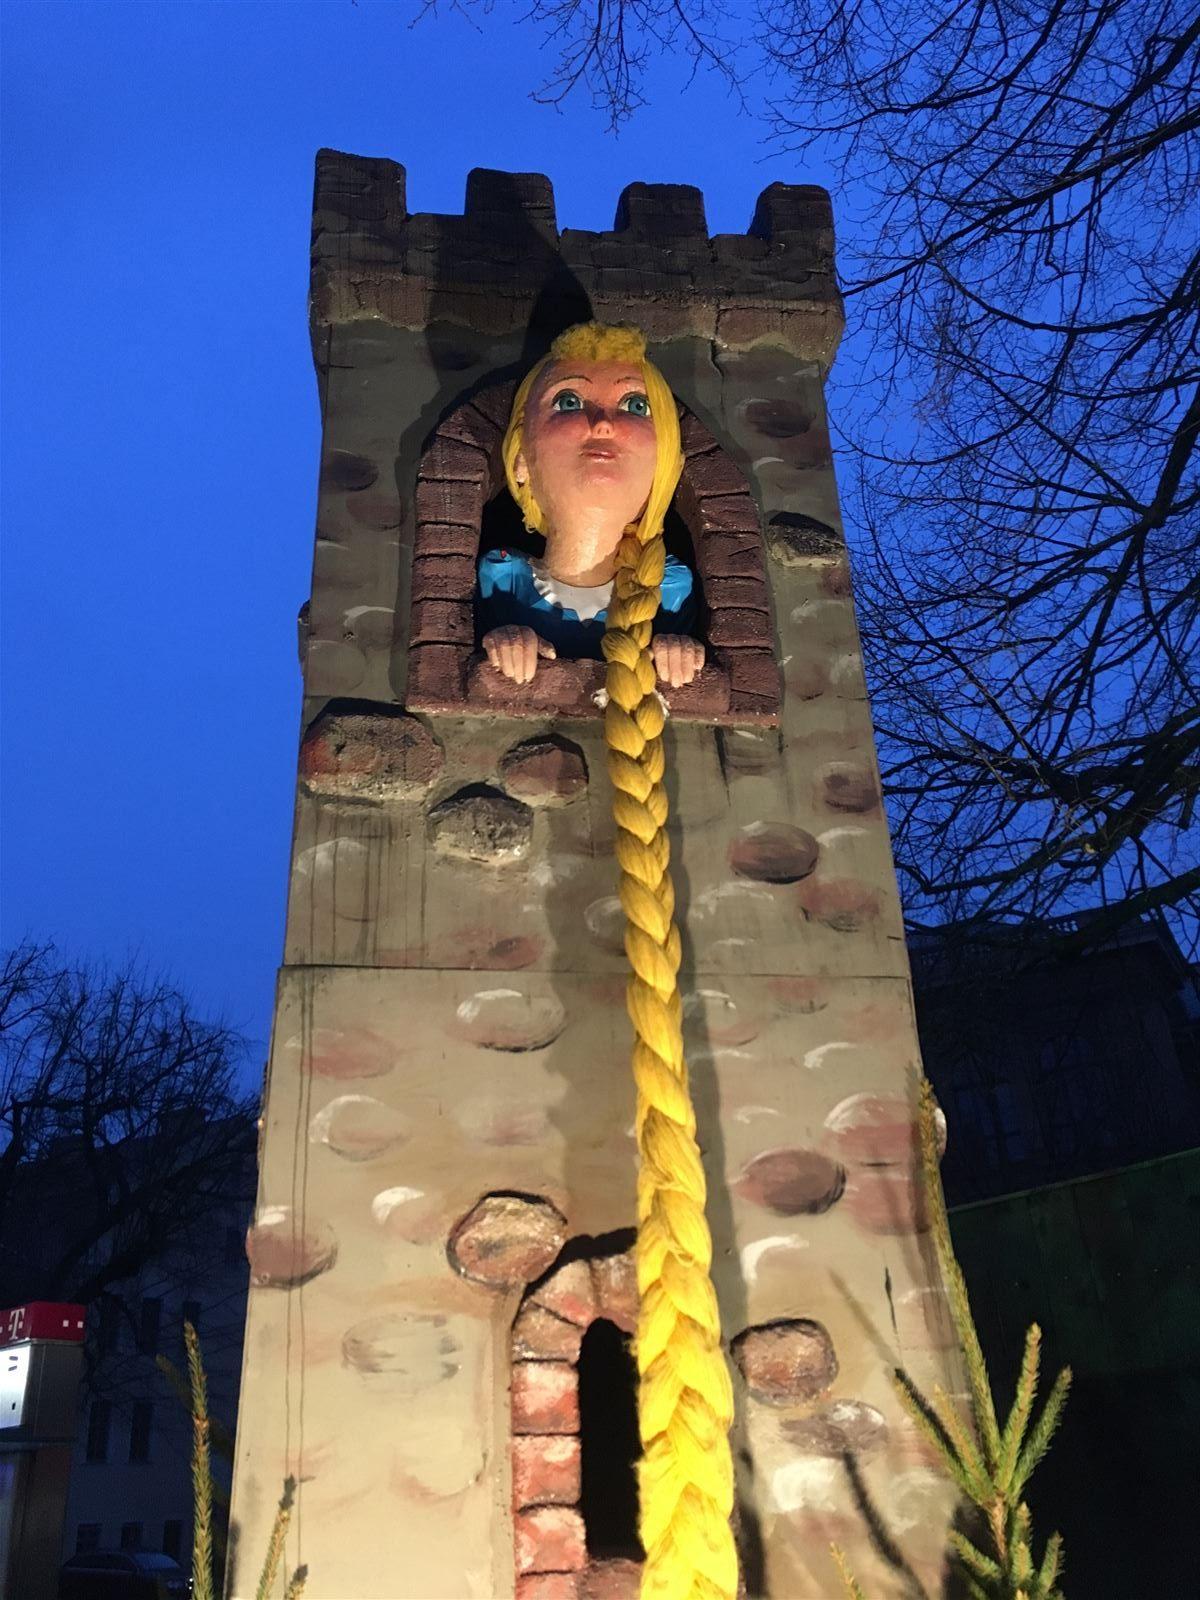 viele Märchen und Figuren auf dem Weihnachtsmarkt Gera - unser Tipp für einen Ausflug mit Kindern